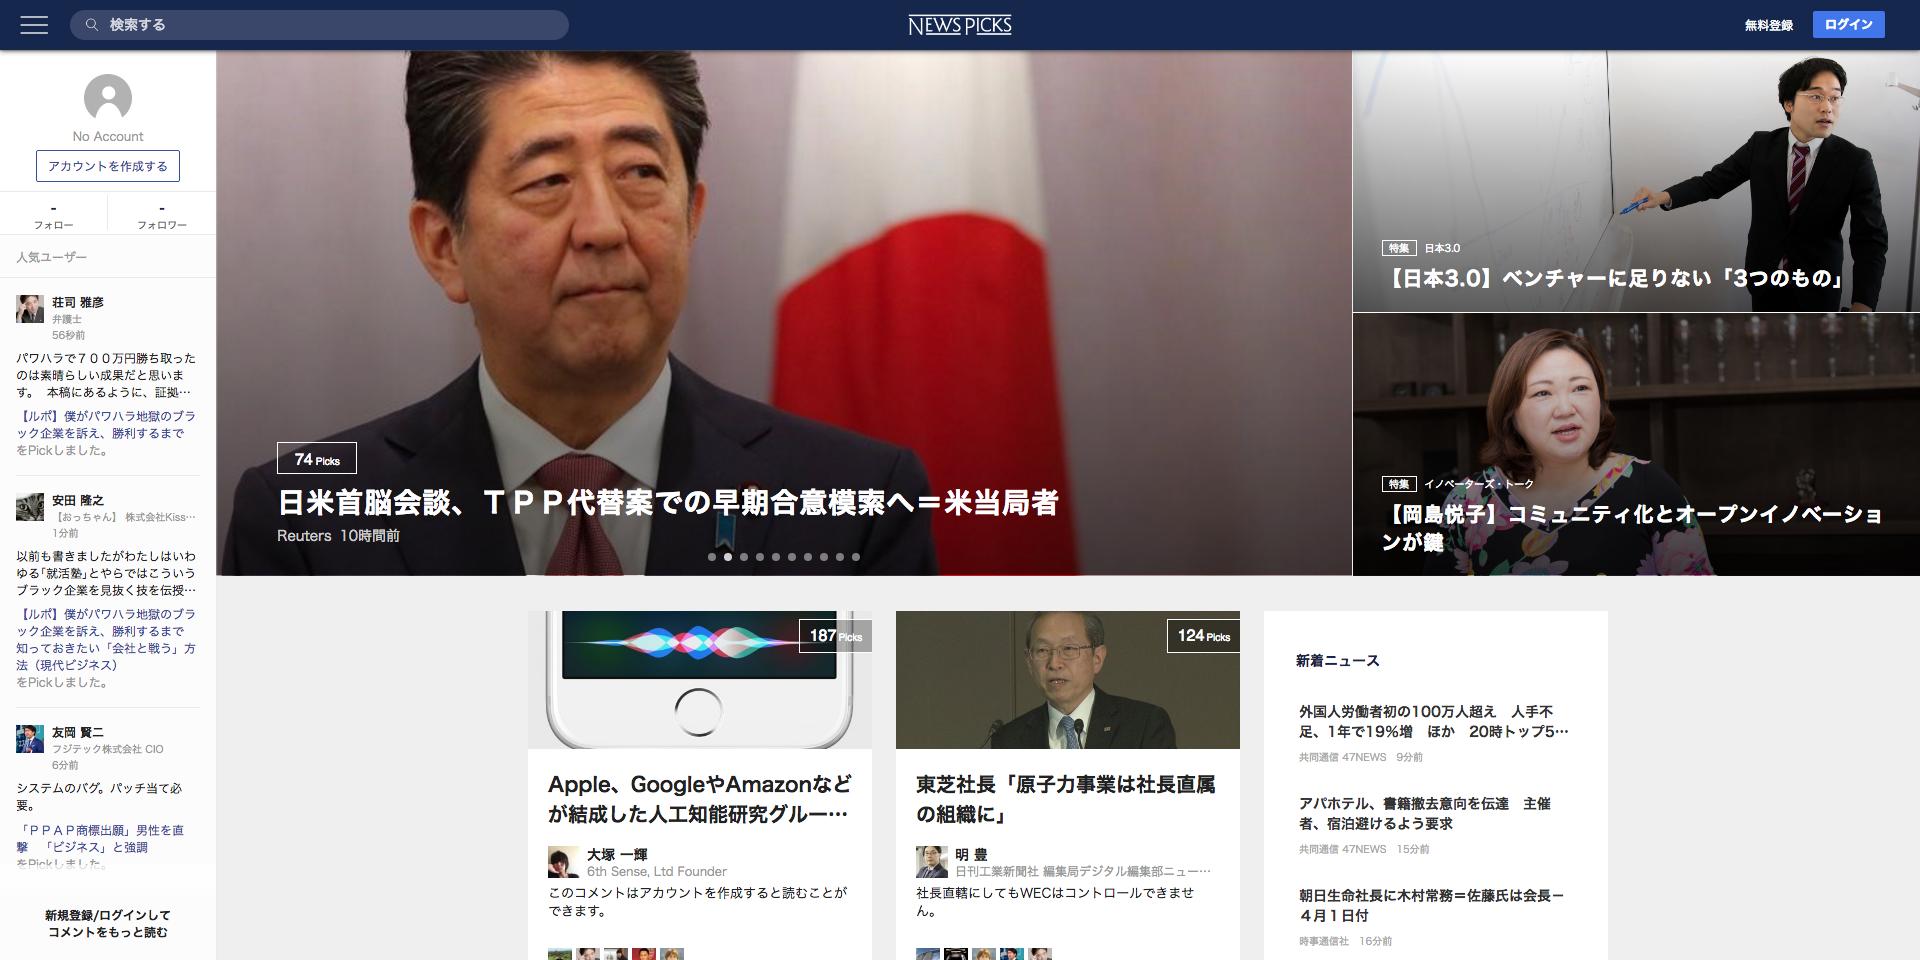 FireShot Capture 82 - NewsPicks - https___newspicks.com_